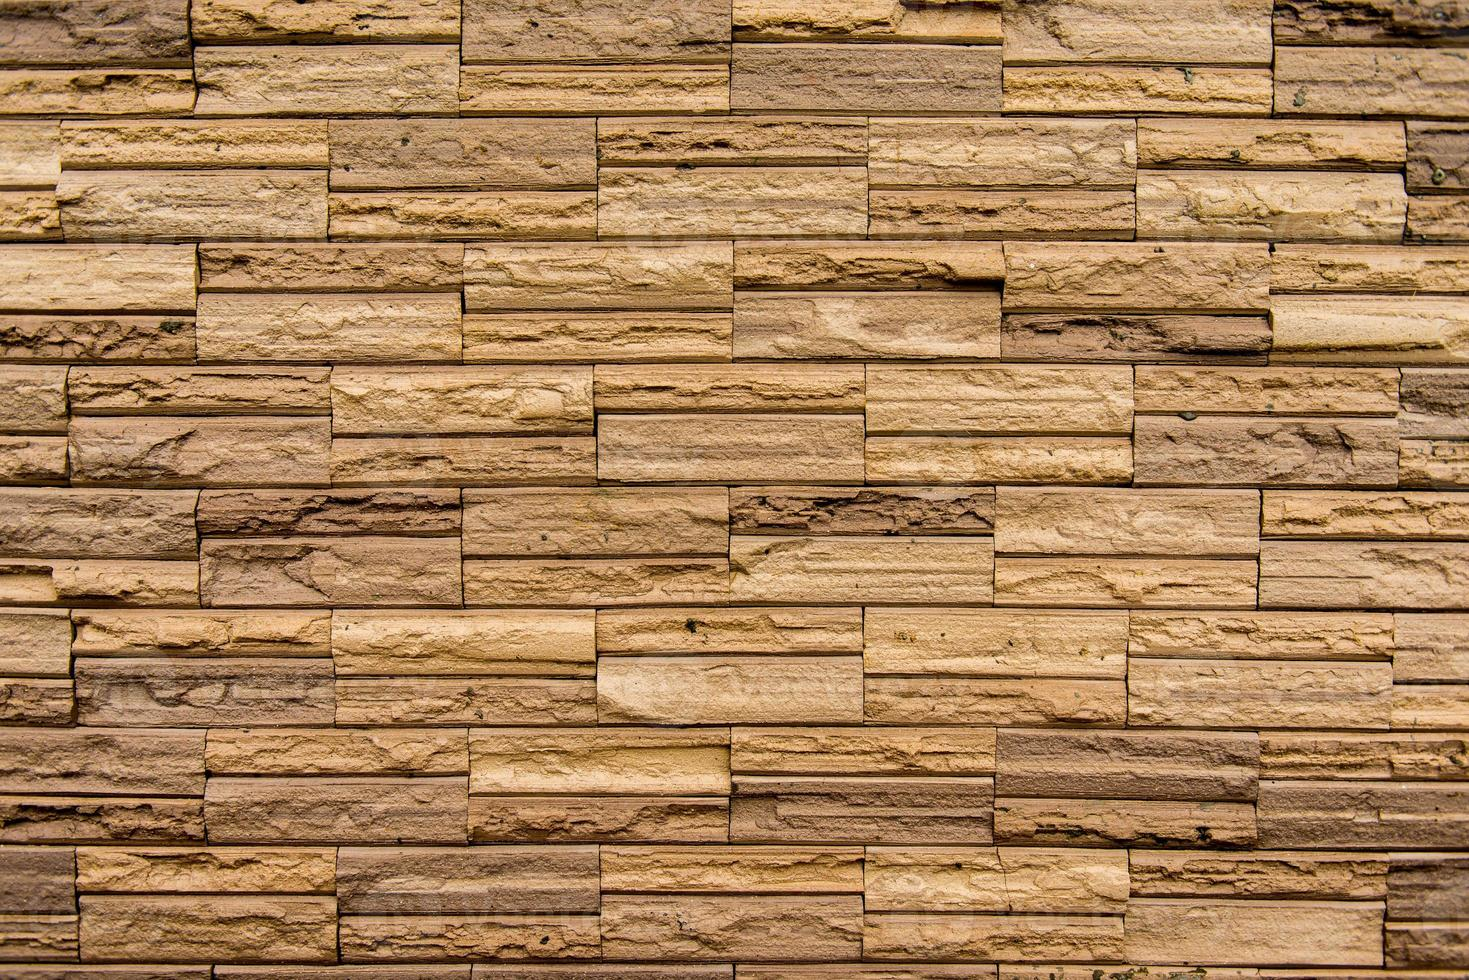 mur de pierre fait de blocs photo